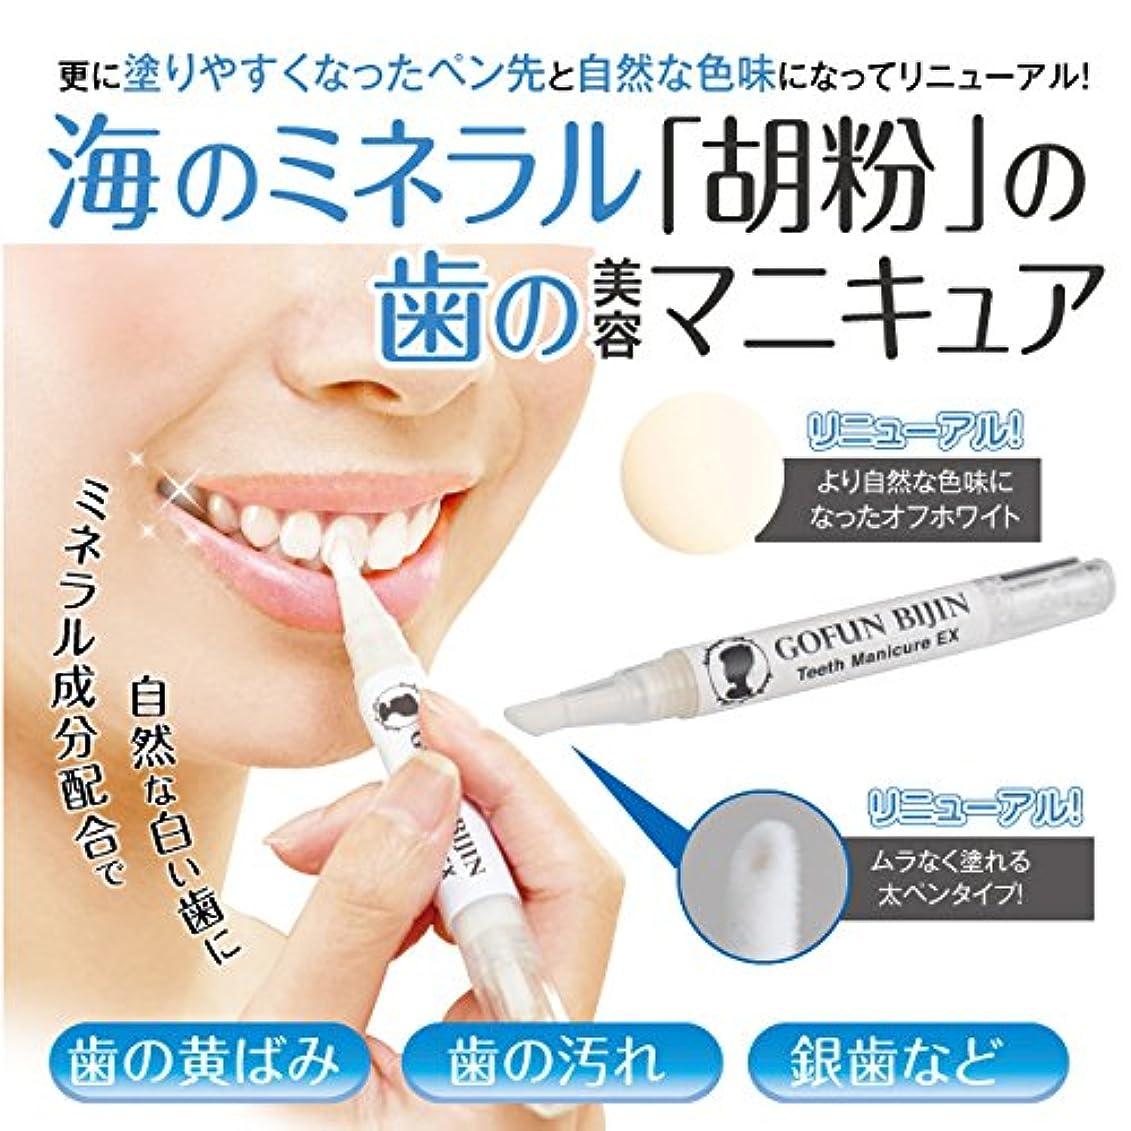 コンチネンタル小石四回胡粉美人歯マニキュアEX